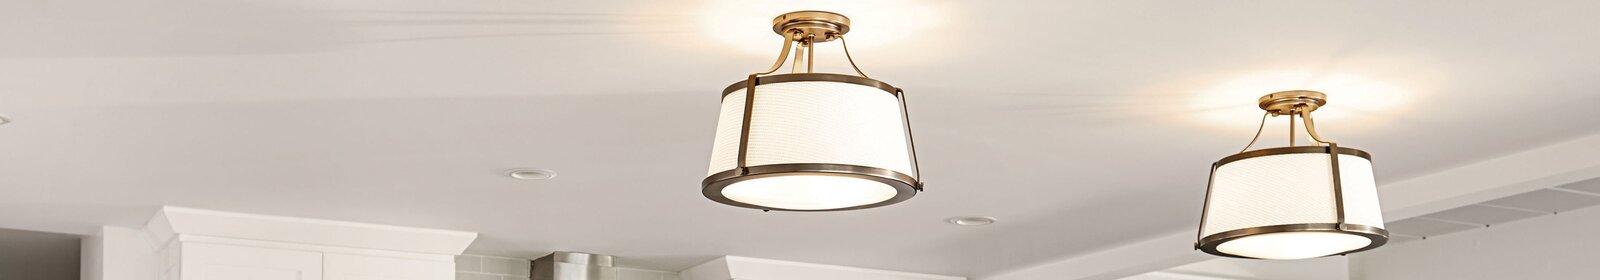 Elstead Lighting Wayfair Co Uk